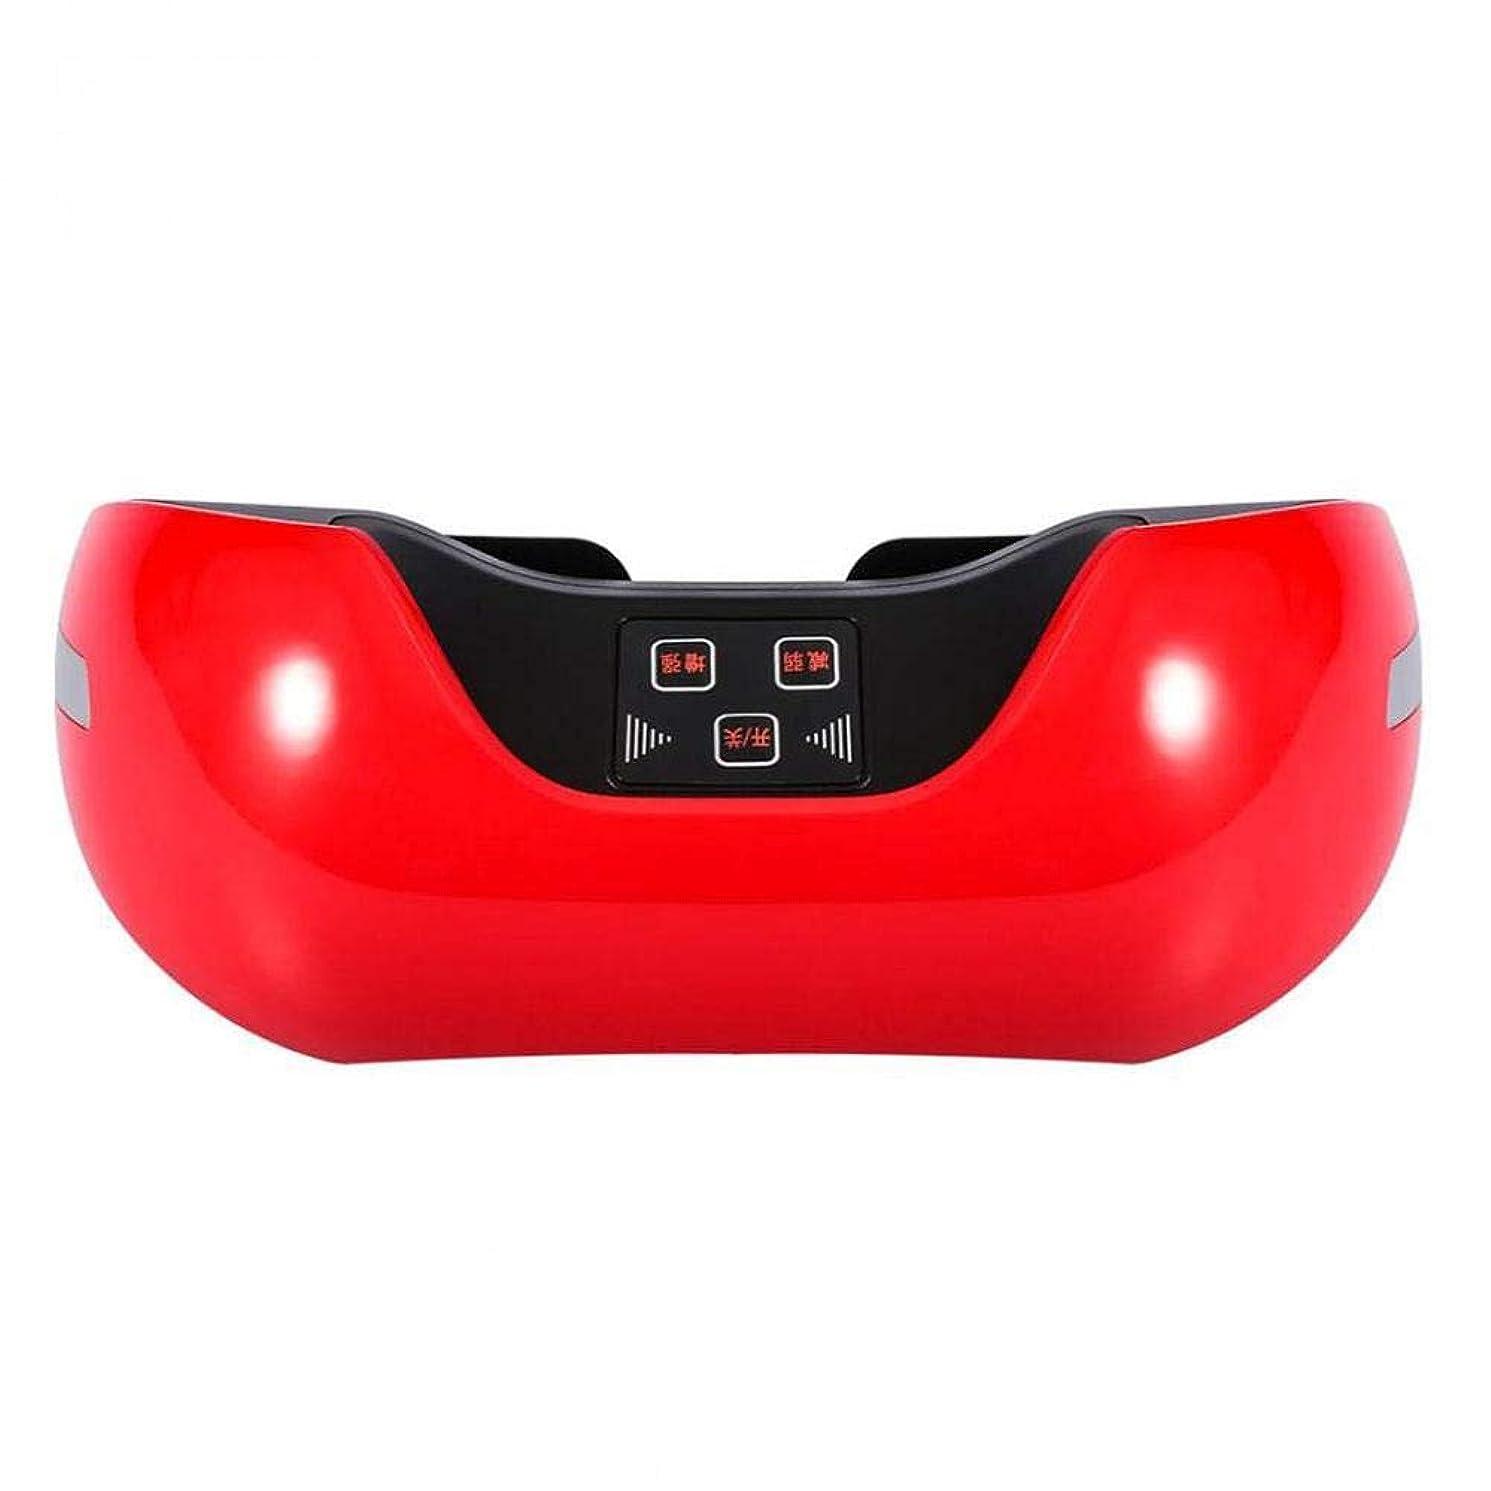 雨カナダサイバースペースアイマッサージャー-ワイヤレス3D充電式グリーンライトアイ、視力回復アイマッサージャー子供近視治療マッサージメガネ